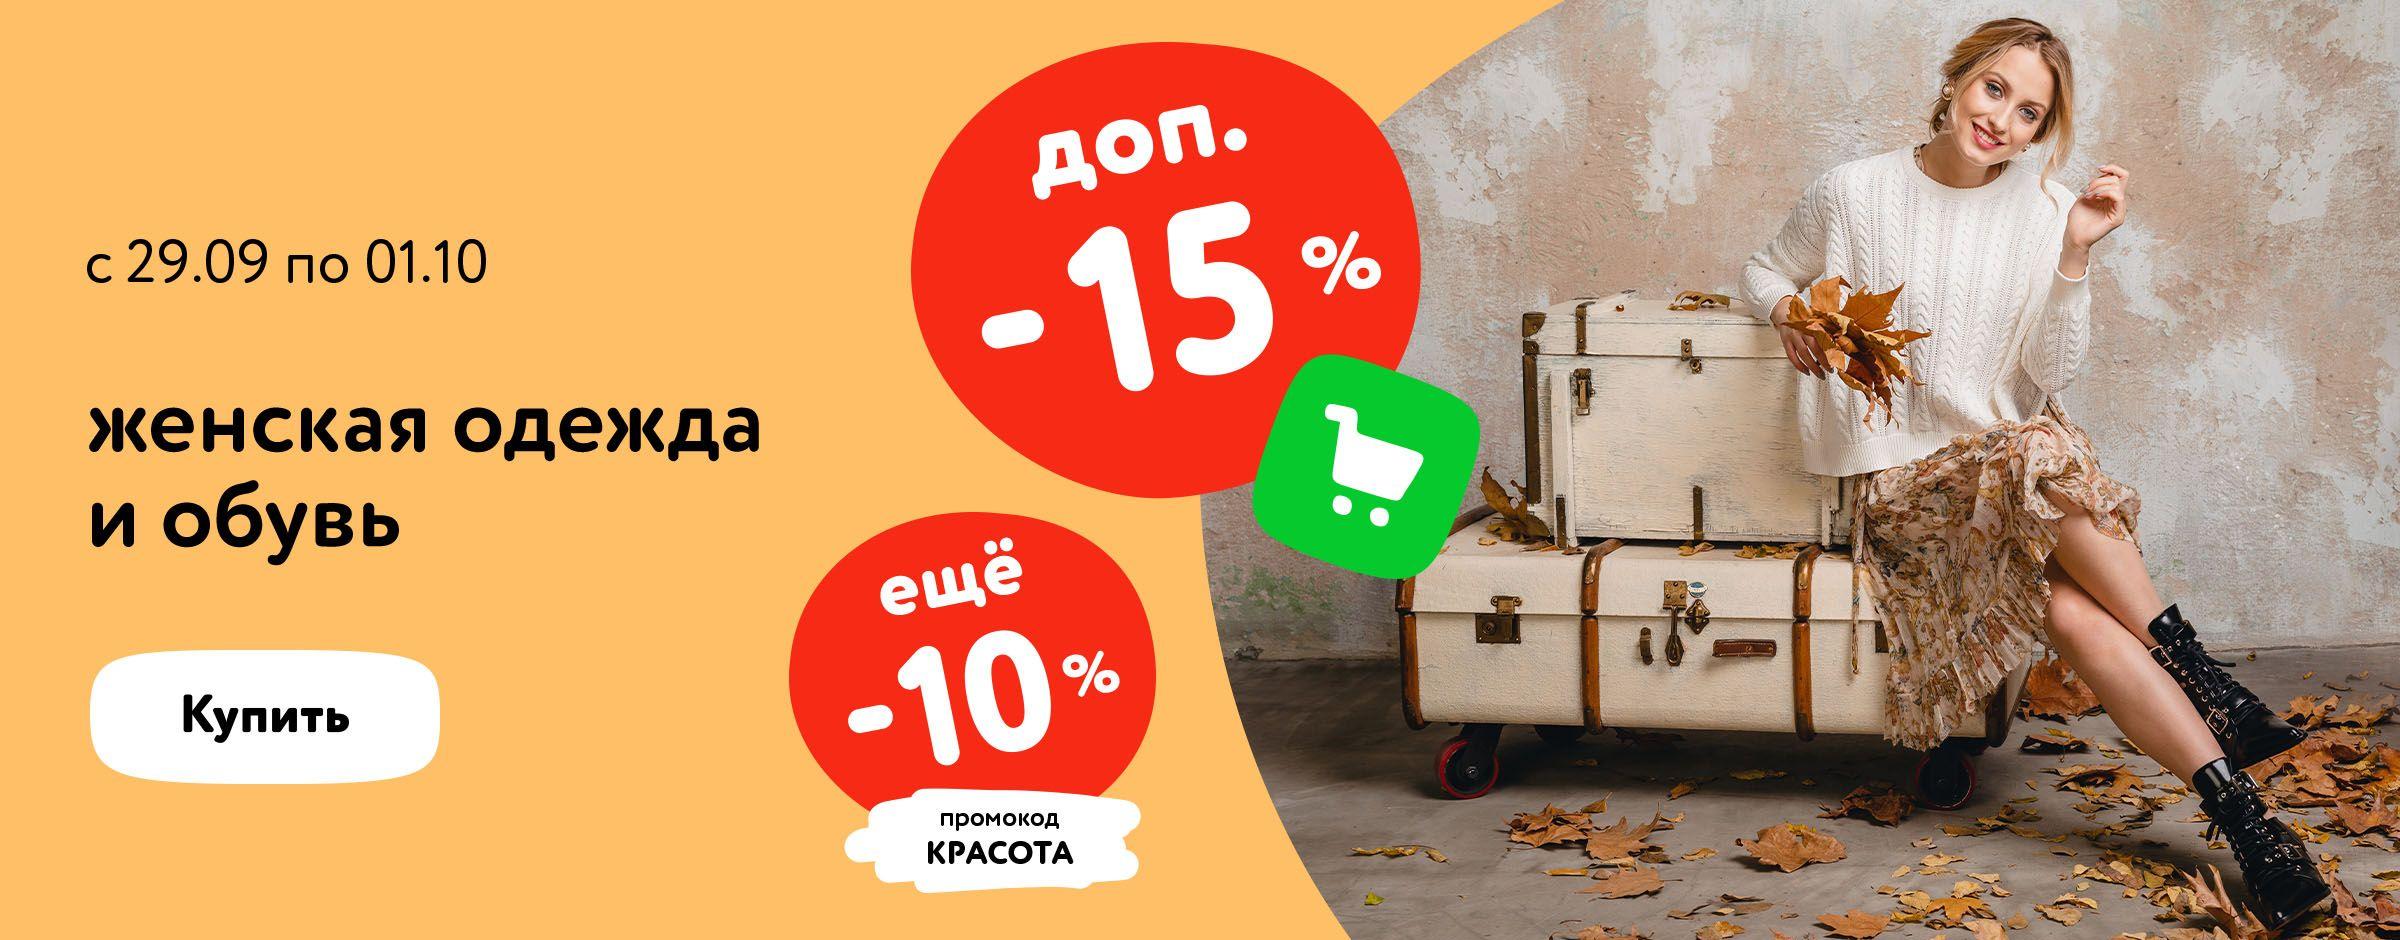 Скидка 15% на женскую одежду и обувь в корзине+скидка 10% по коду КРАСОТА